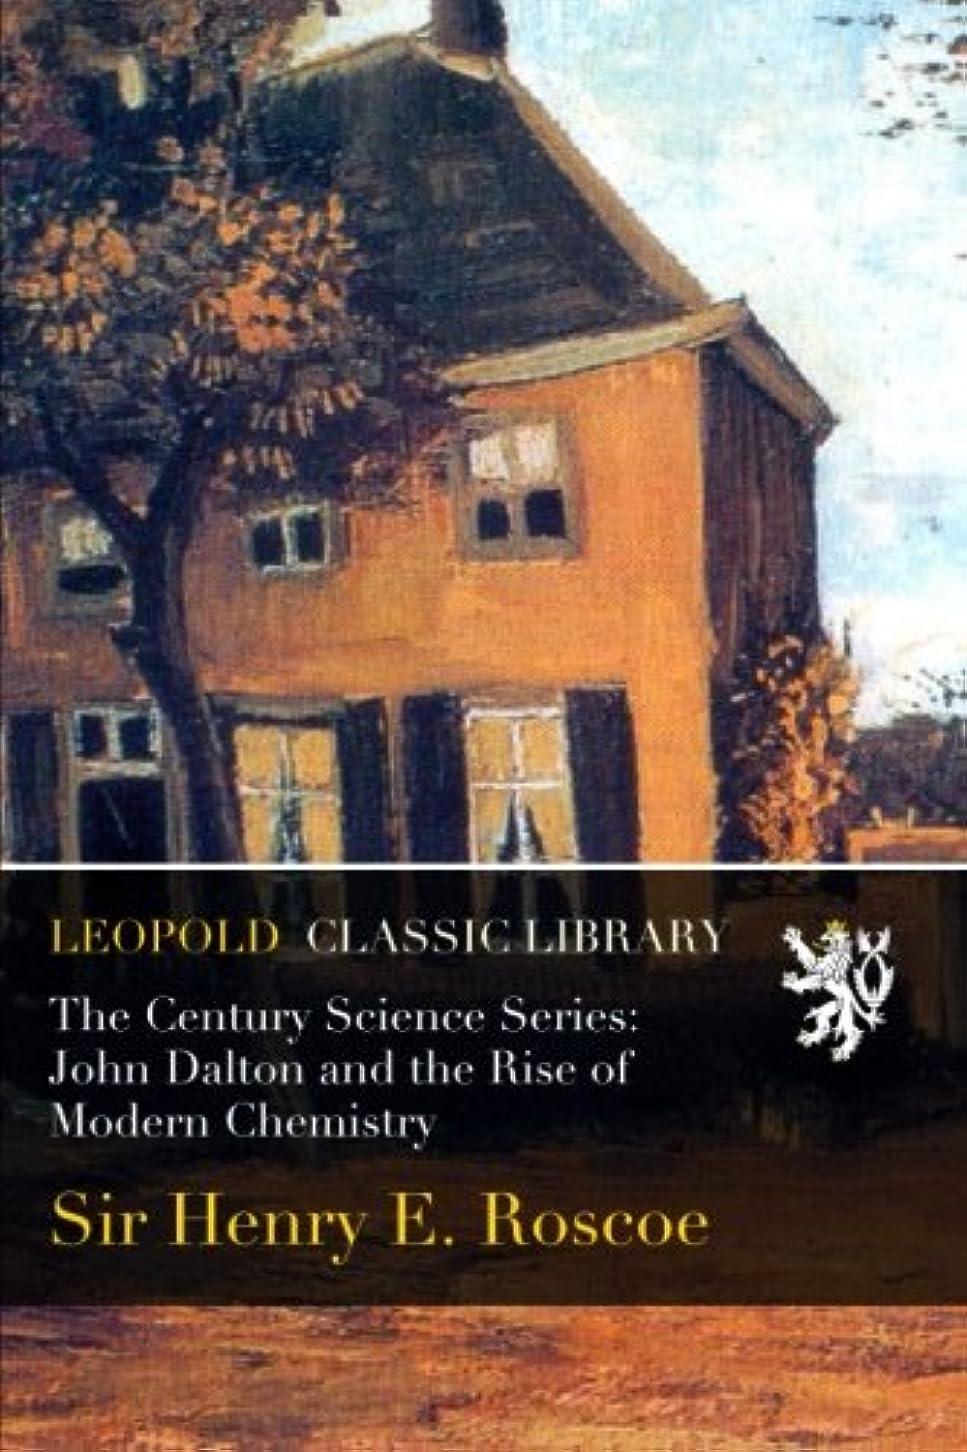 やりすぎノイズカートリッジThe Century Science Series: John Dalton and the Rise of Modern Chemistry